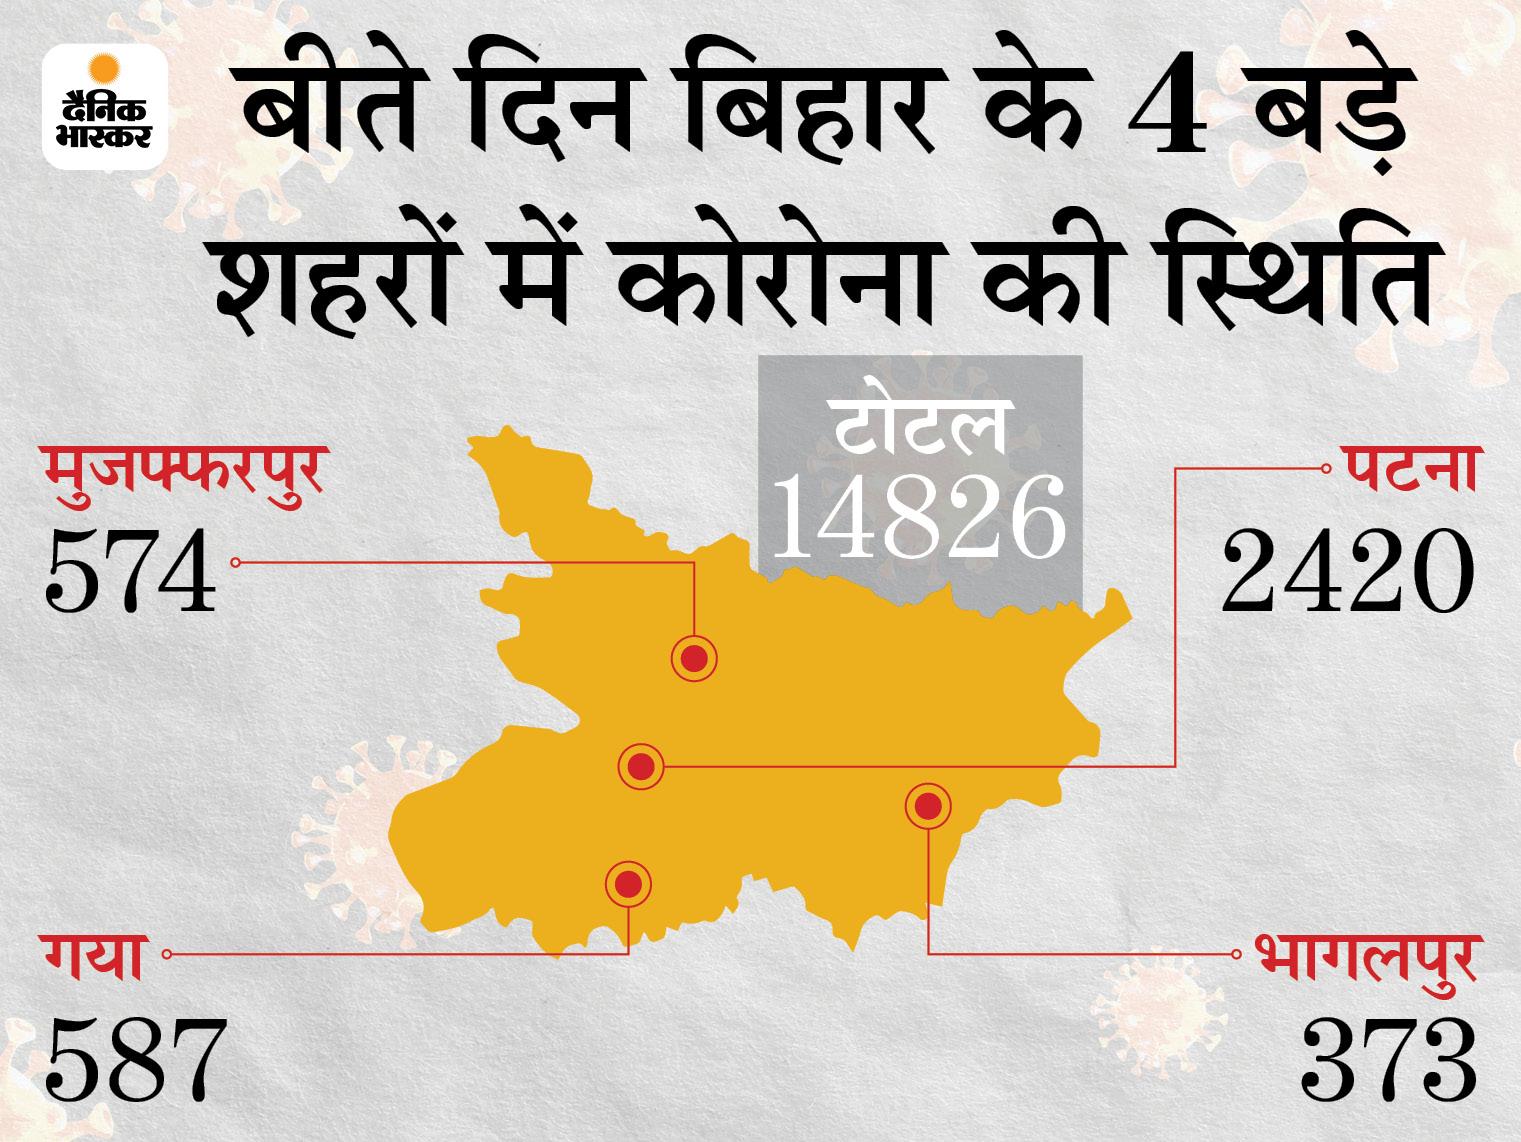 प्रदेश में 95248 की जांच में 14826 मिले पॉजिटिव, पटना में 2420; अब 113479 केस एक्टिव बिहार,Bihar - Dainik Bhaskar